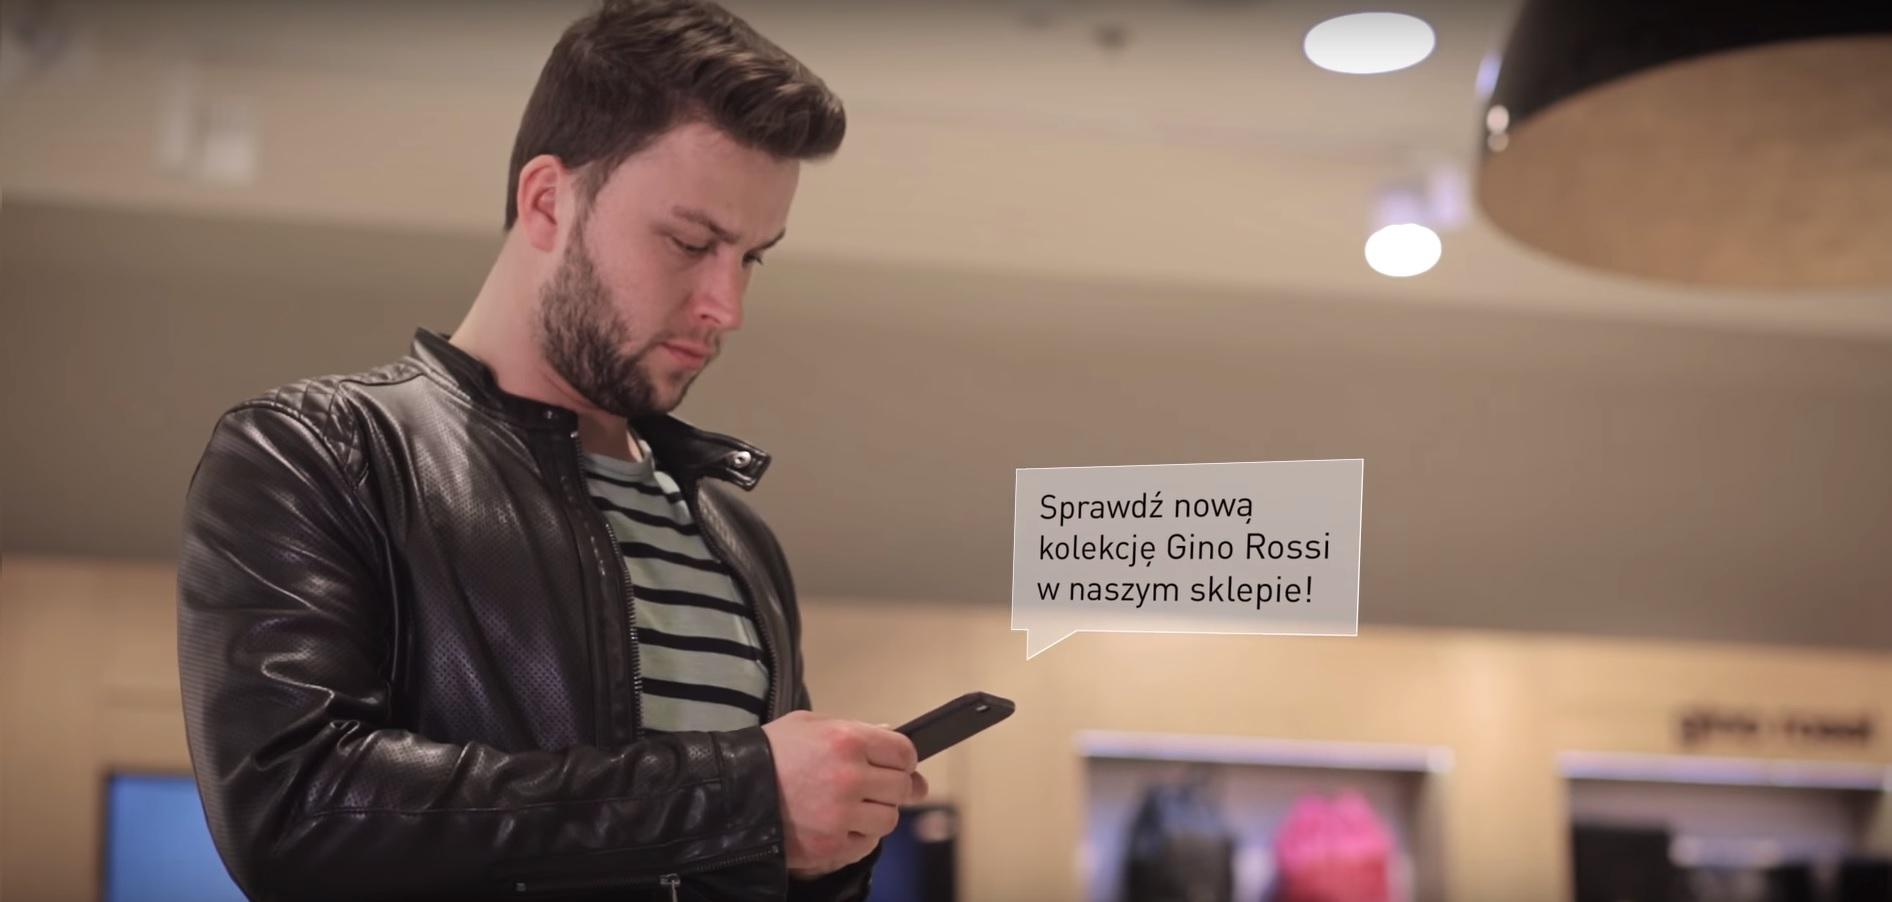 Jak działa marketing SMS w Gino Rossi?